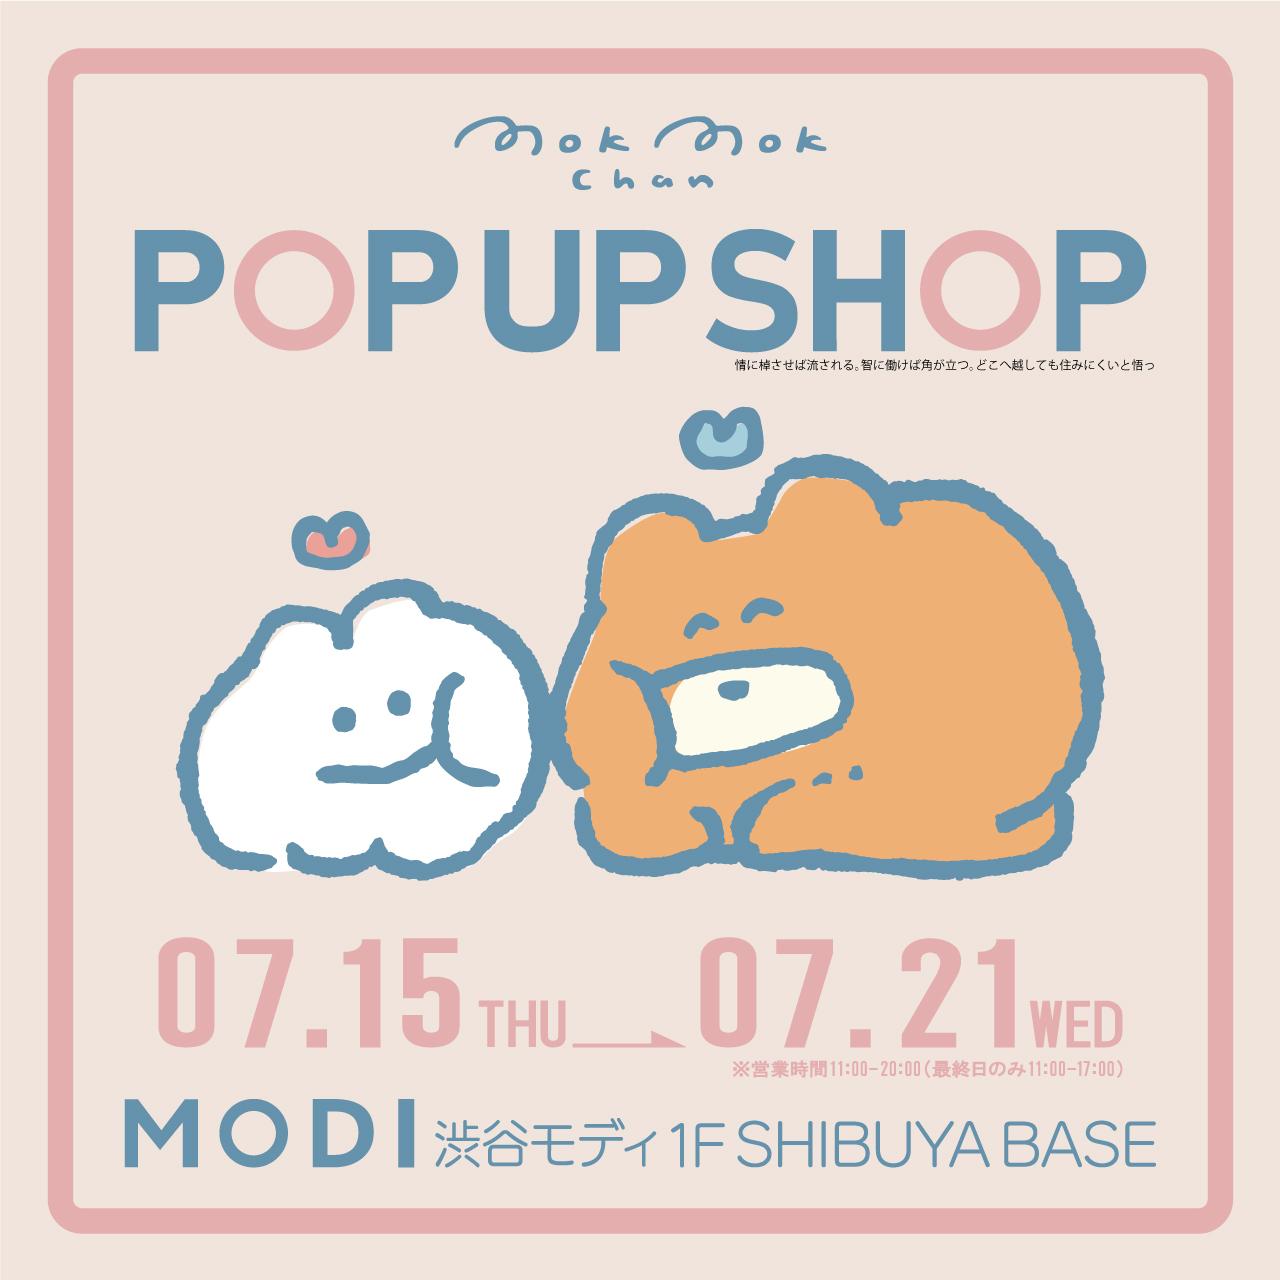 【7/15-7/21】渋谷MODI POPUPいよいよ開催だよ~☆